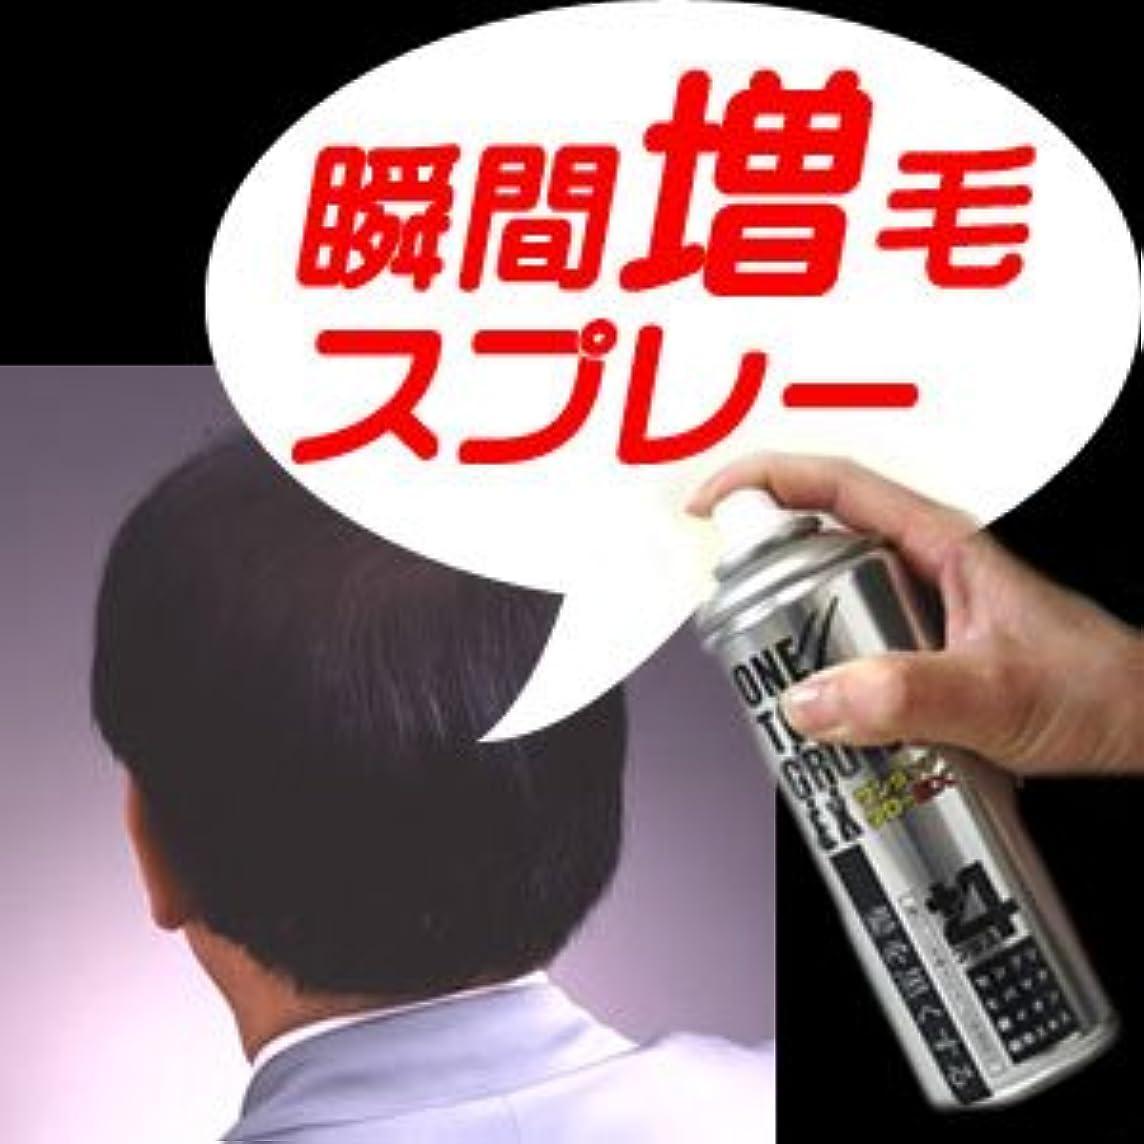 例示するスペードビール新瞬間増毛スプレー(男女兼用)『ワンタッチグローEX+4』